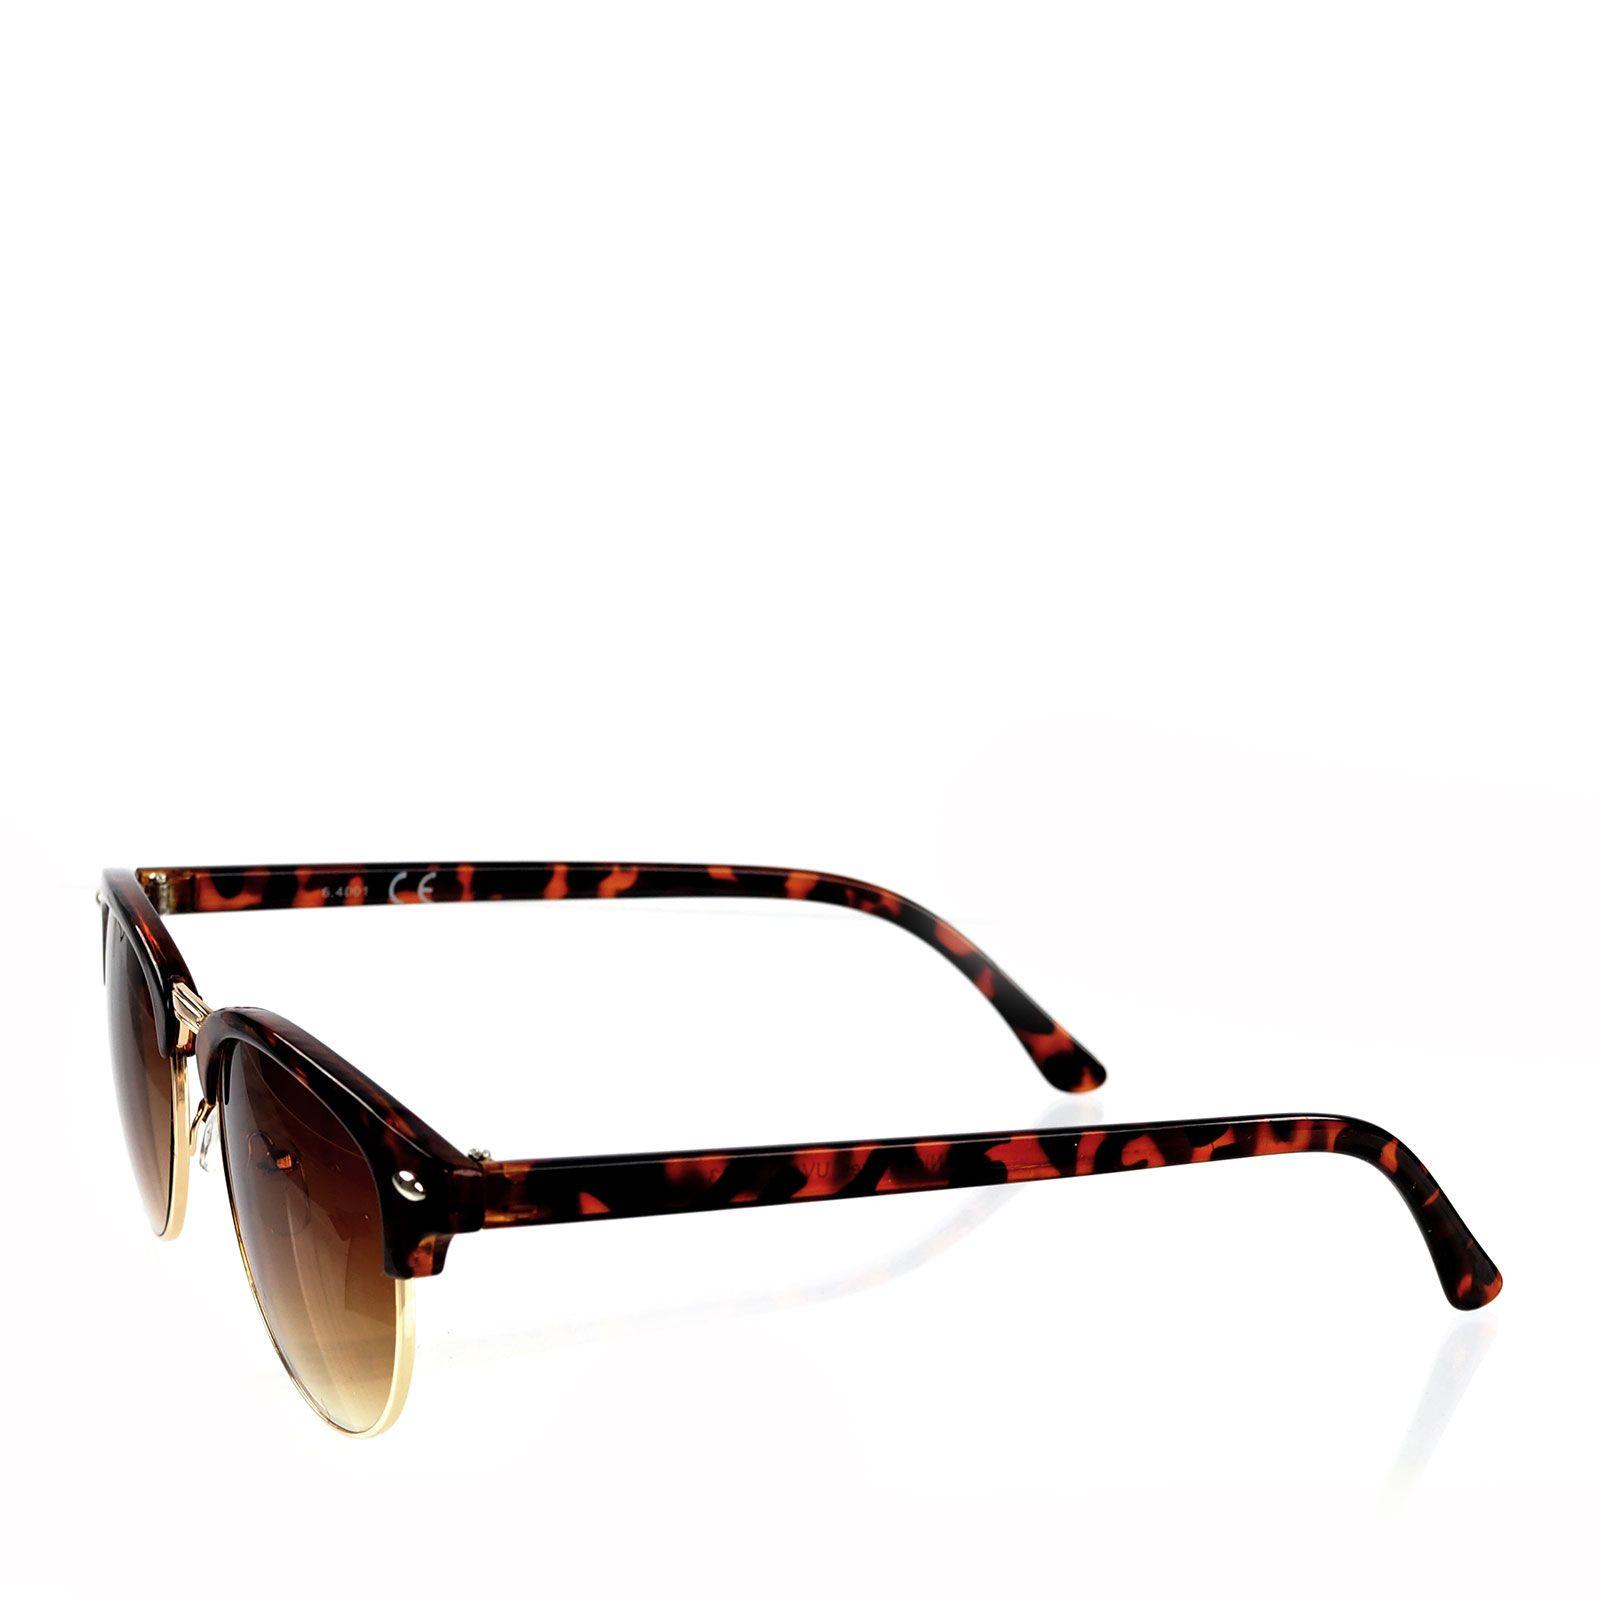 Retro zonnebril luipaard accessoires - Accessoire retro ...